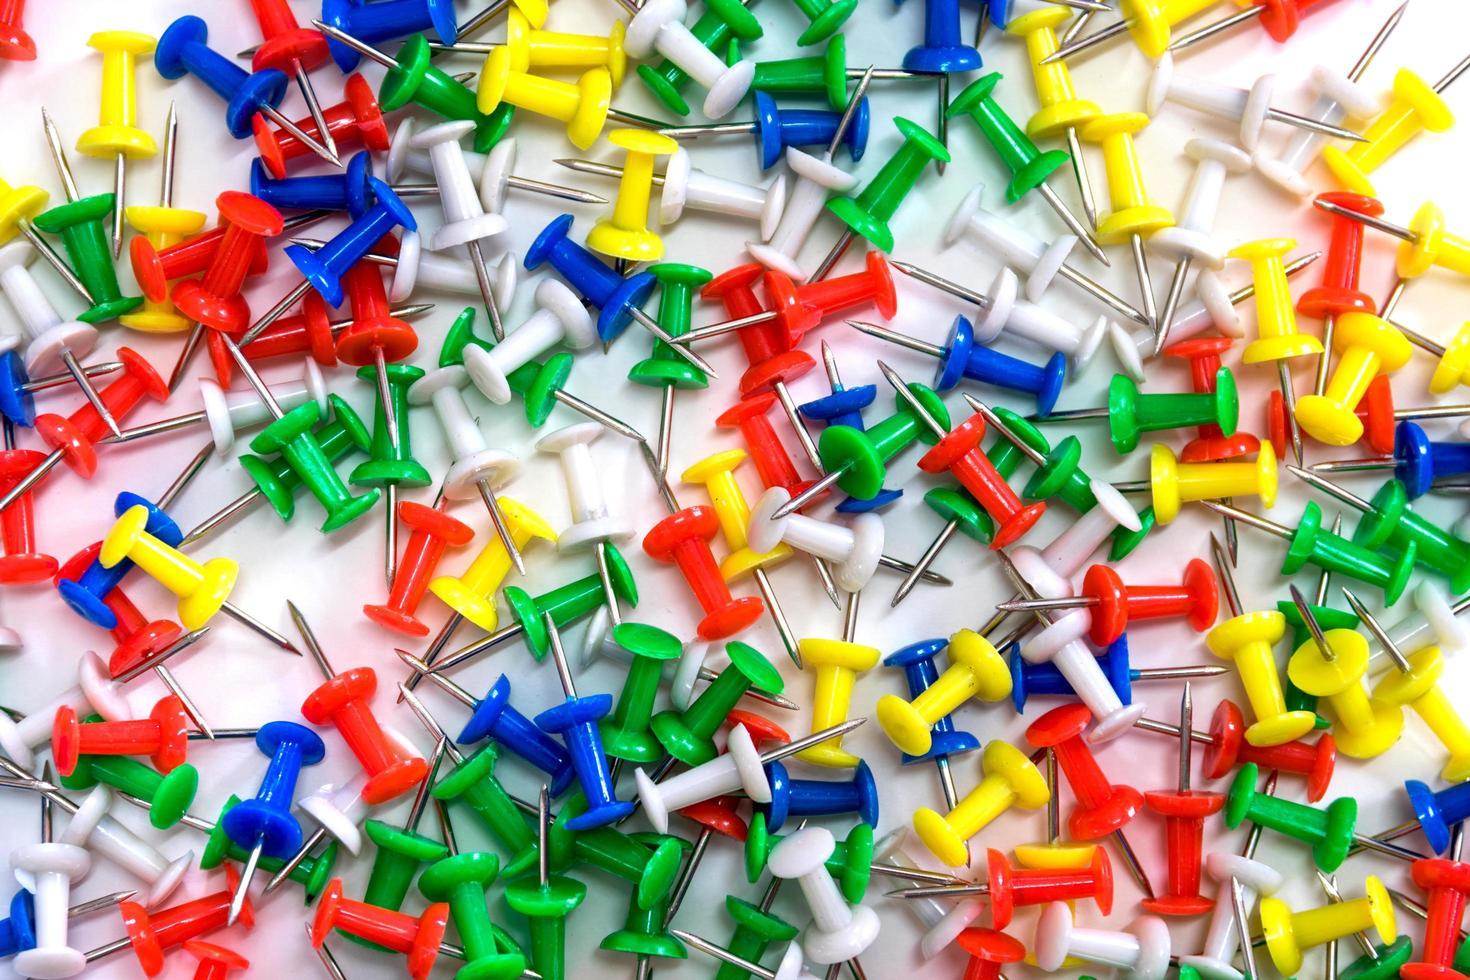 färgglada häftstift på vit bakgrund foto